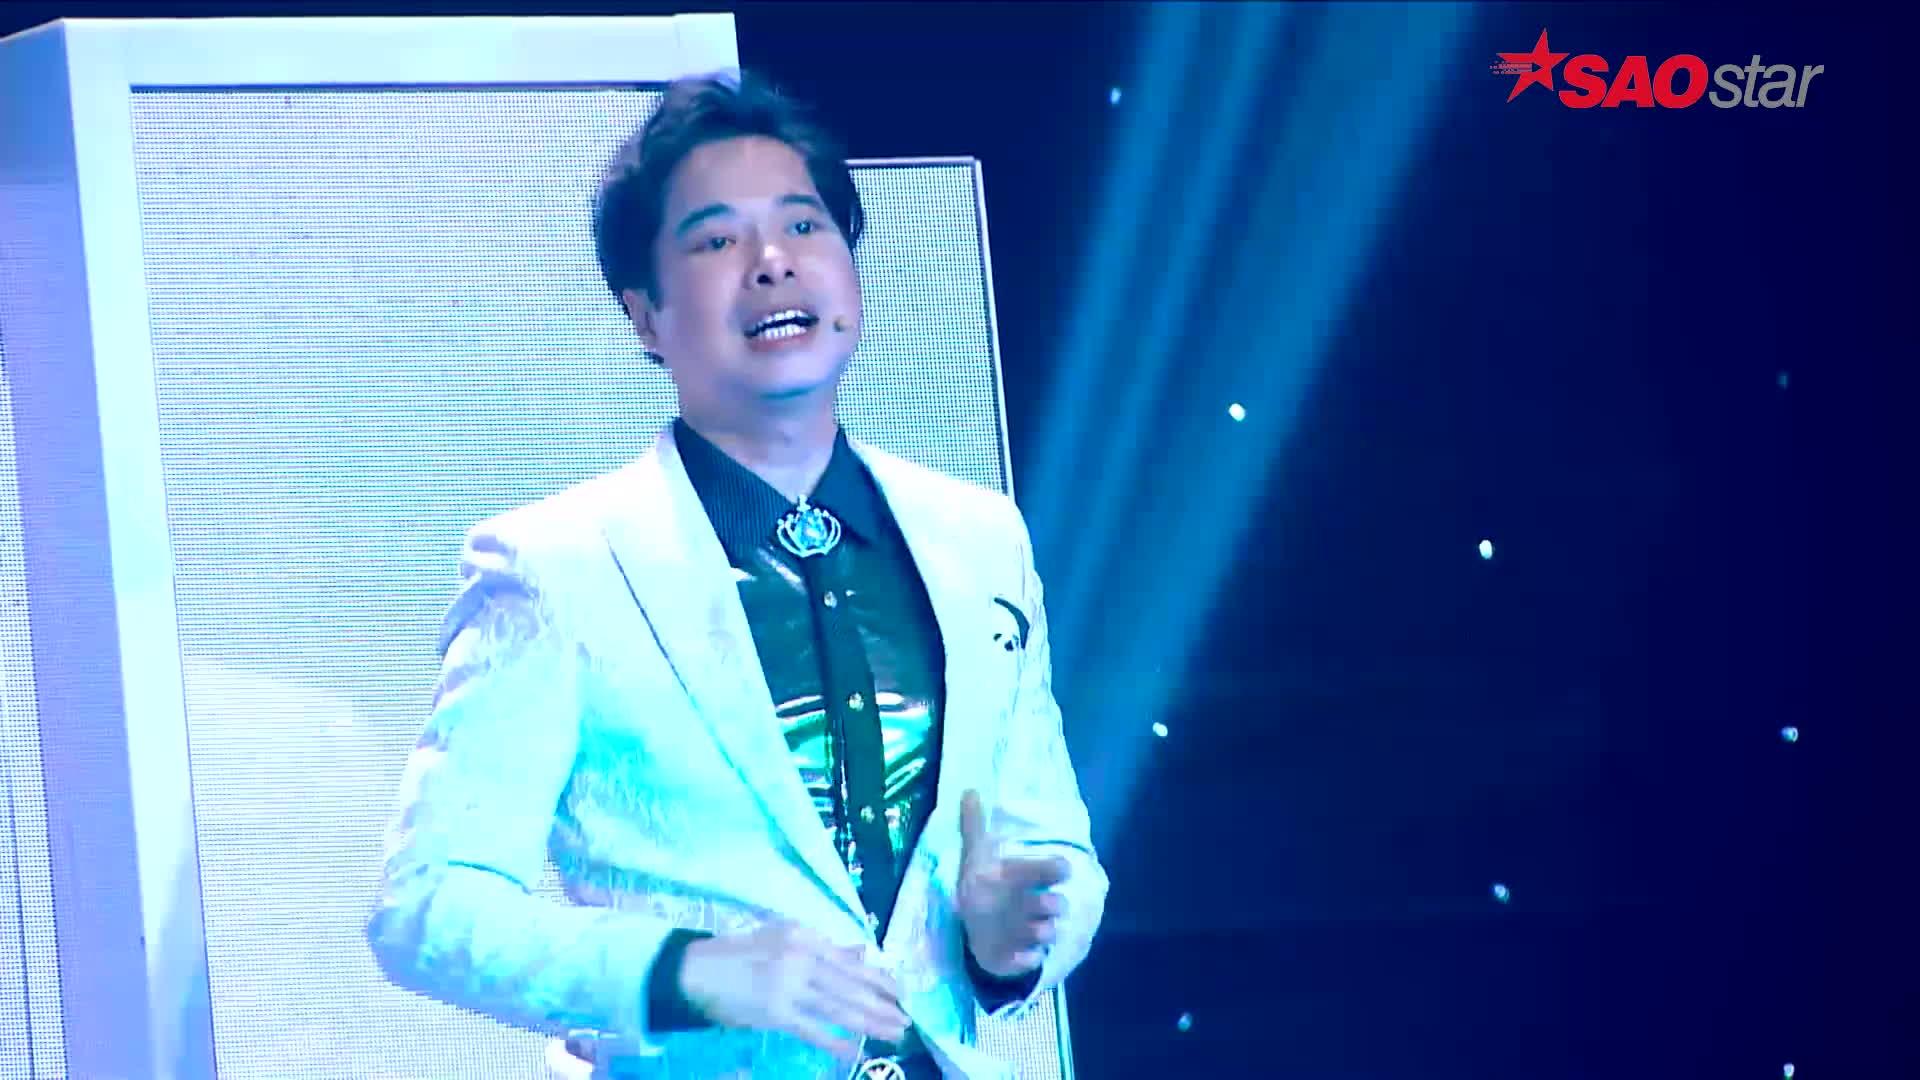 Ca khúc Lệ Quyên khao khát được hát qua tay học trò Ngọc Sơn ngọt ngào thế này!